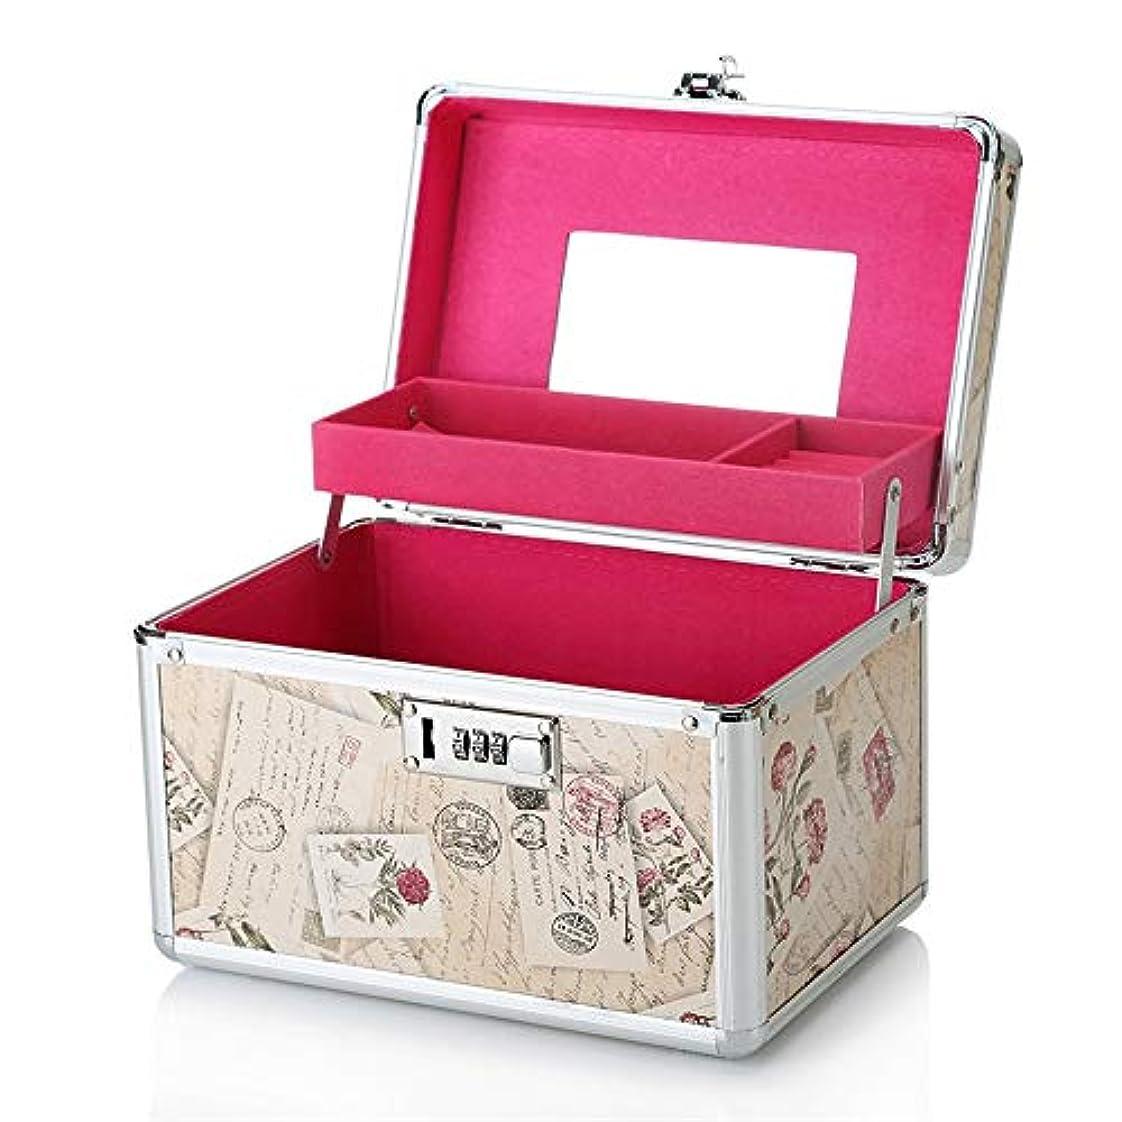 ベッドミニ人質化粧オーガナイザーバッグ 旅行のメイクアップバッグメイク化粧品バッグトイレタリー化粧ケース 化粧品ケース